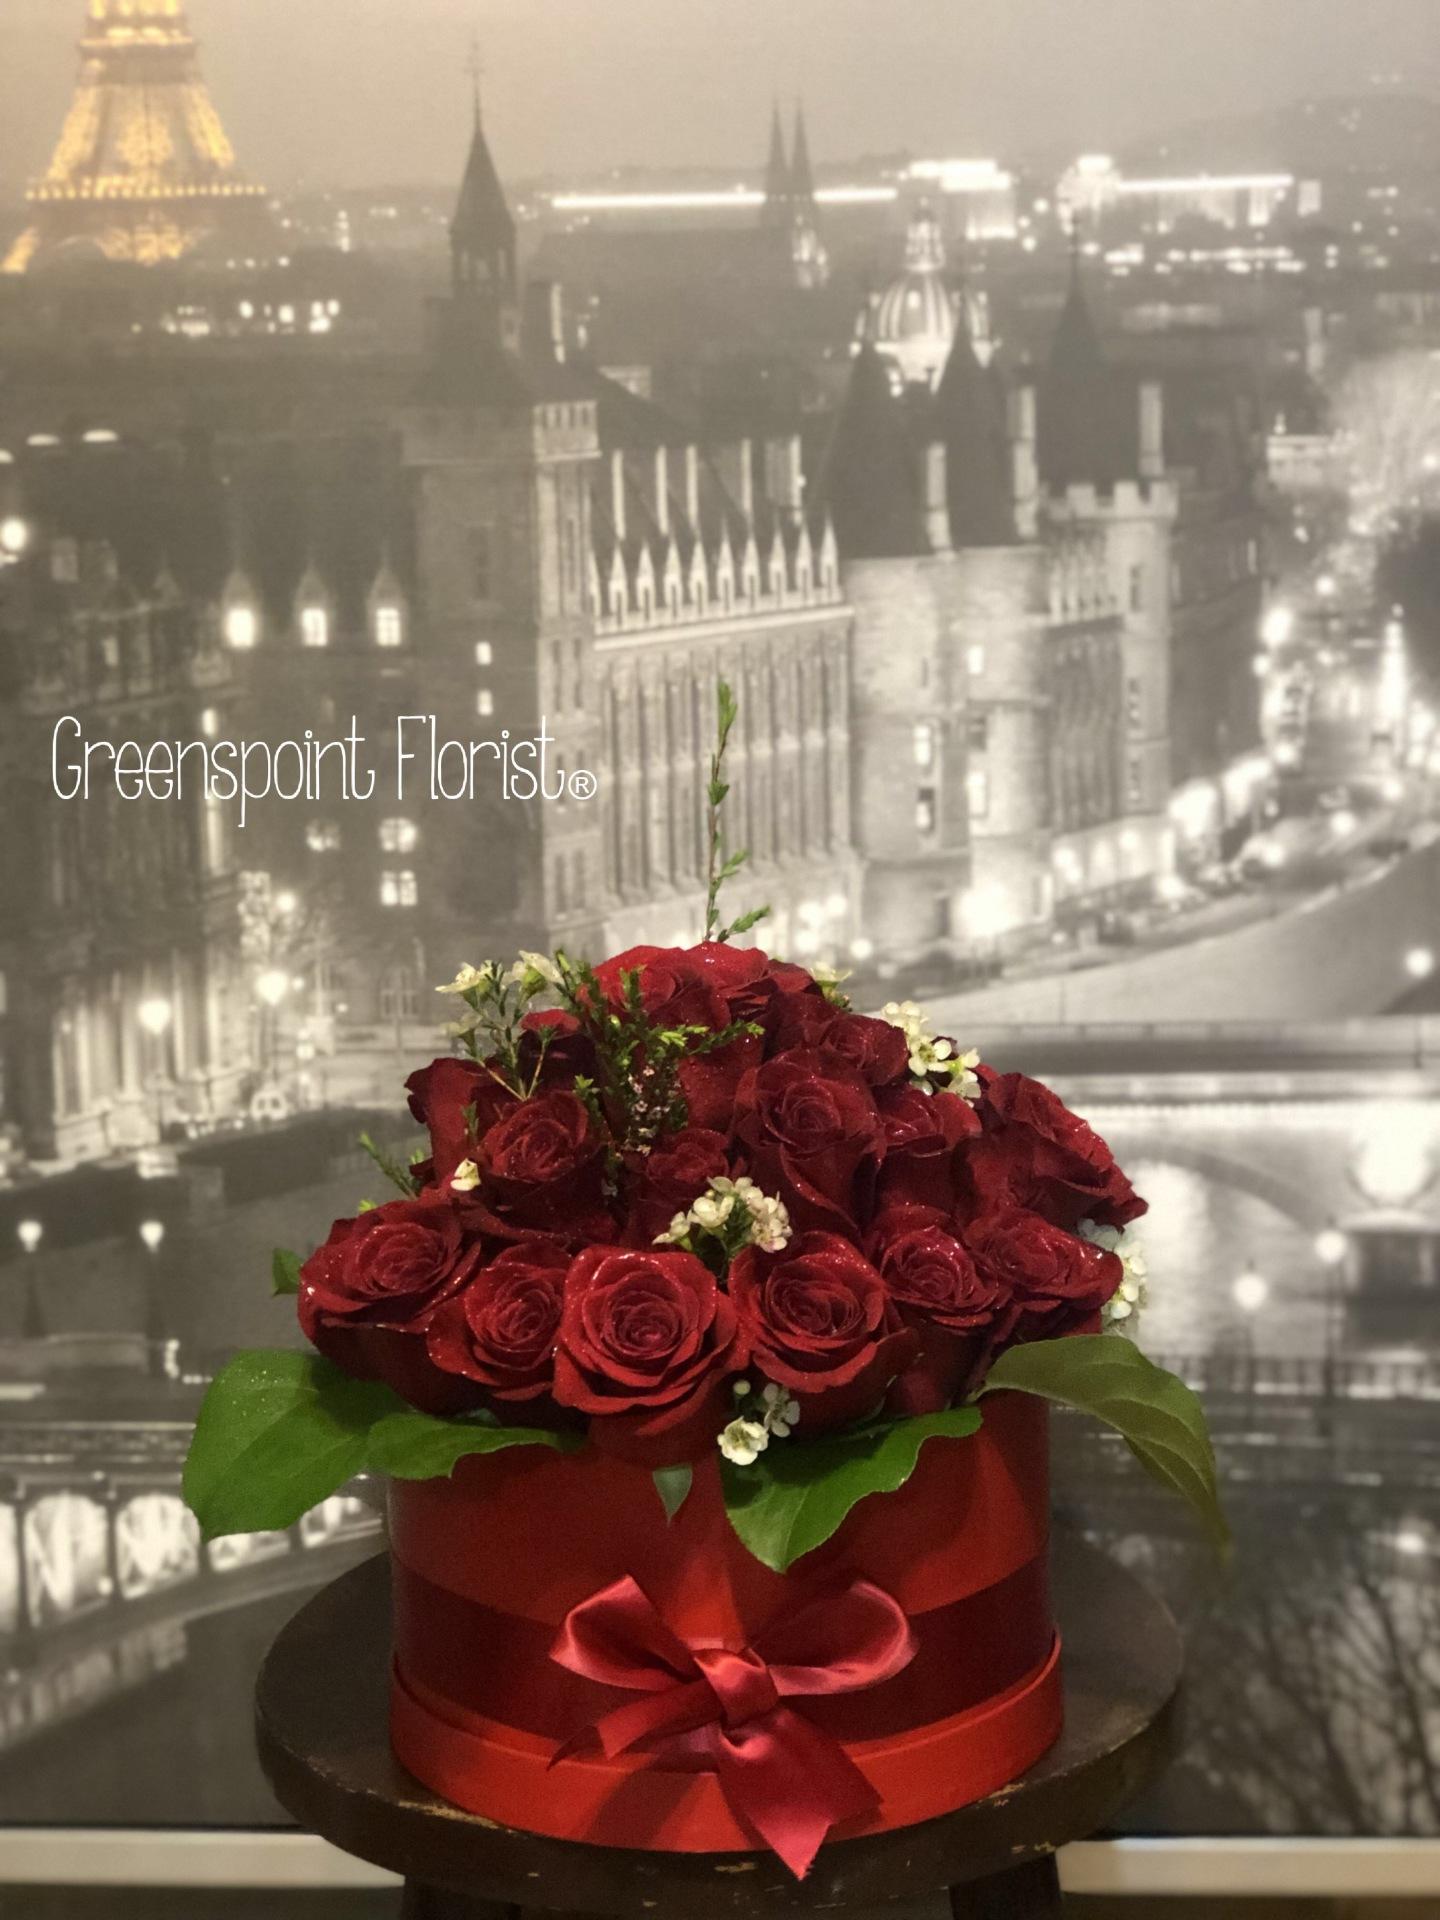 GP-190. 36 Roses. $189.99